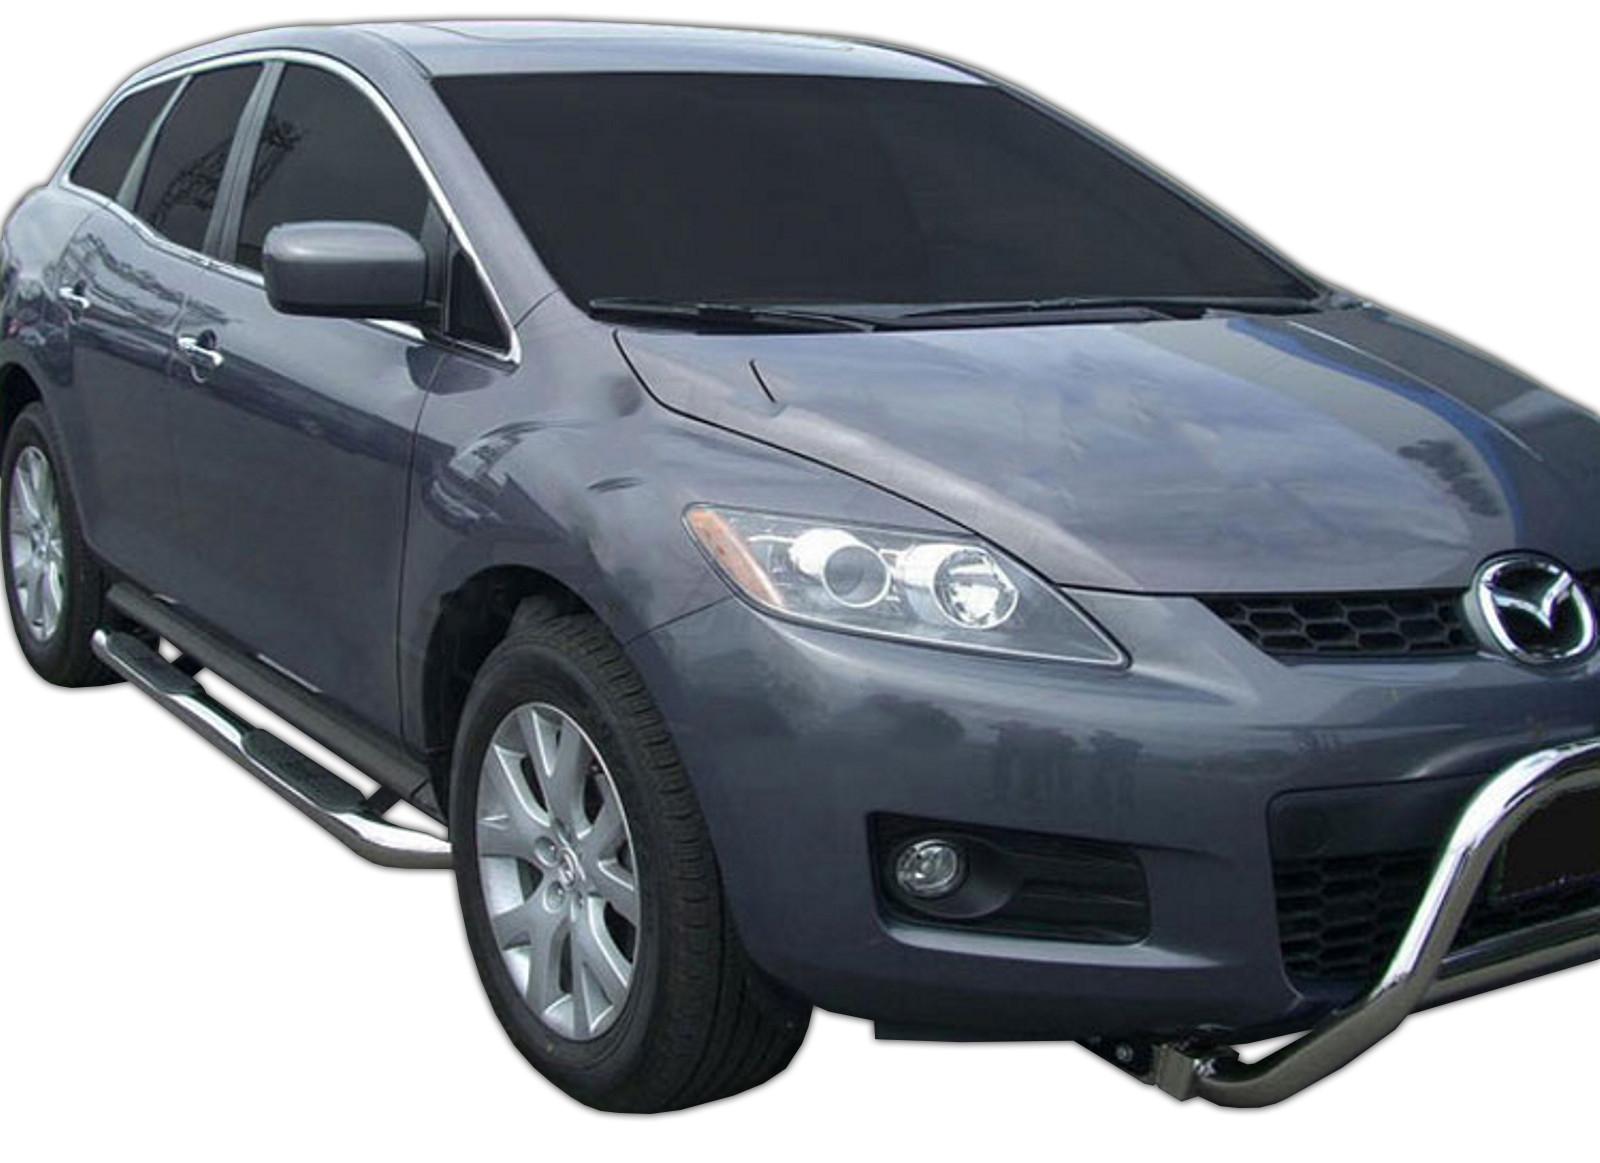 Bočné nerezové rámy Mazda CX7 2007-up